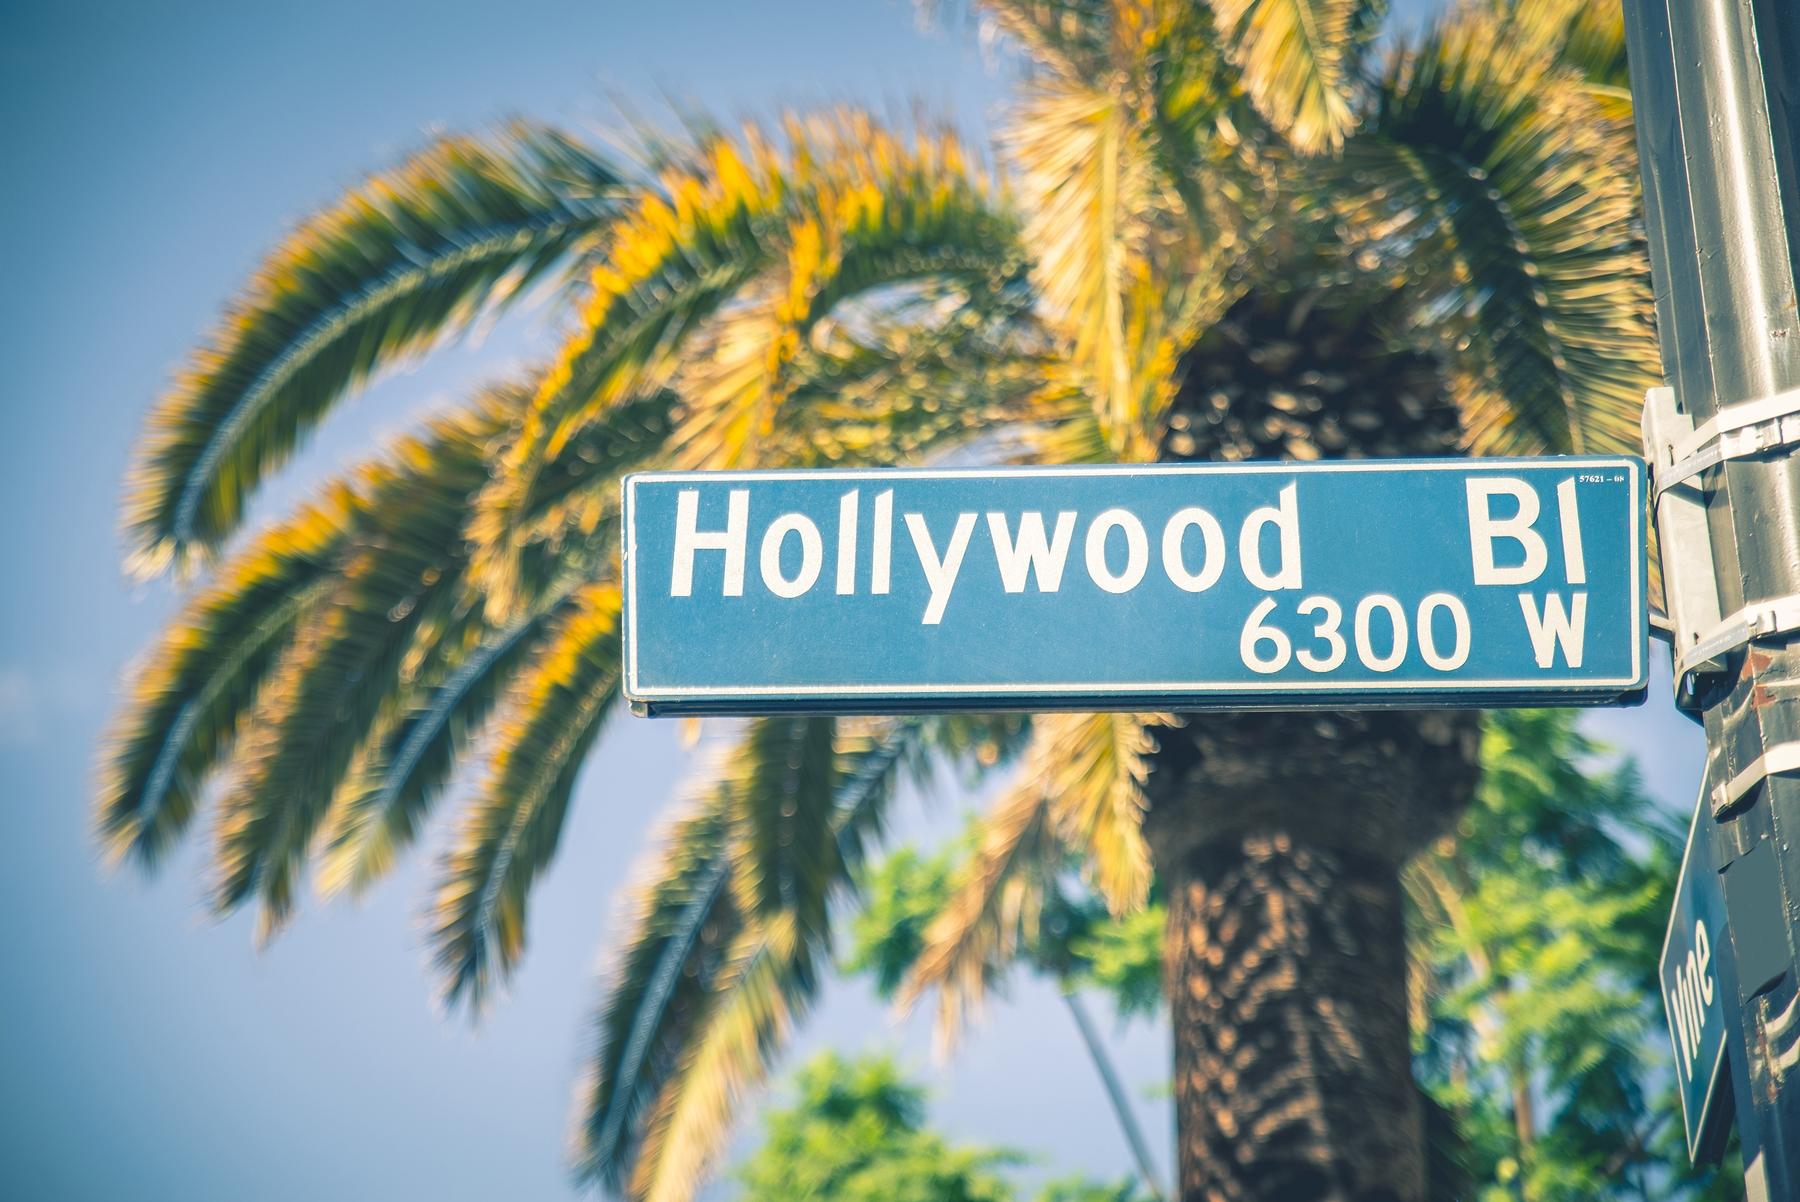 Дорожный знак в Голливуде, где разворачивается действие следующего фильма